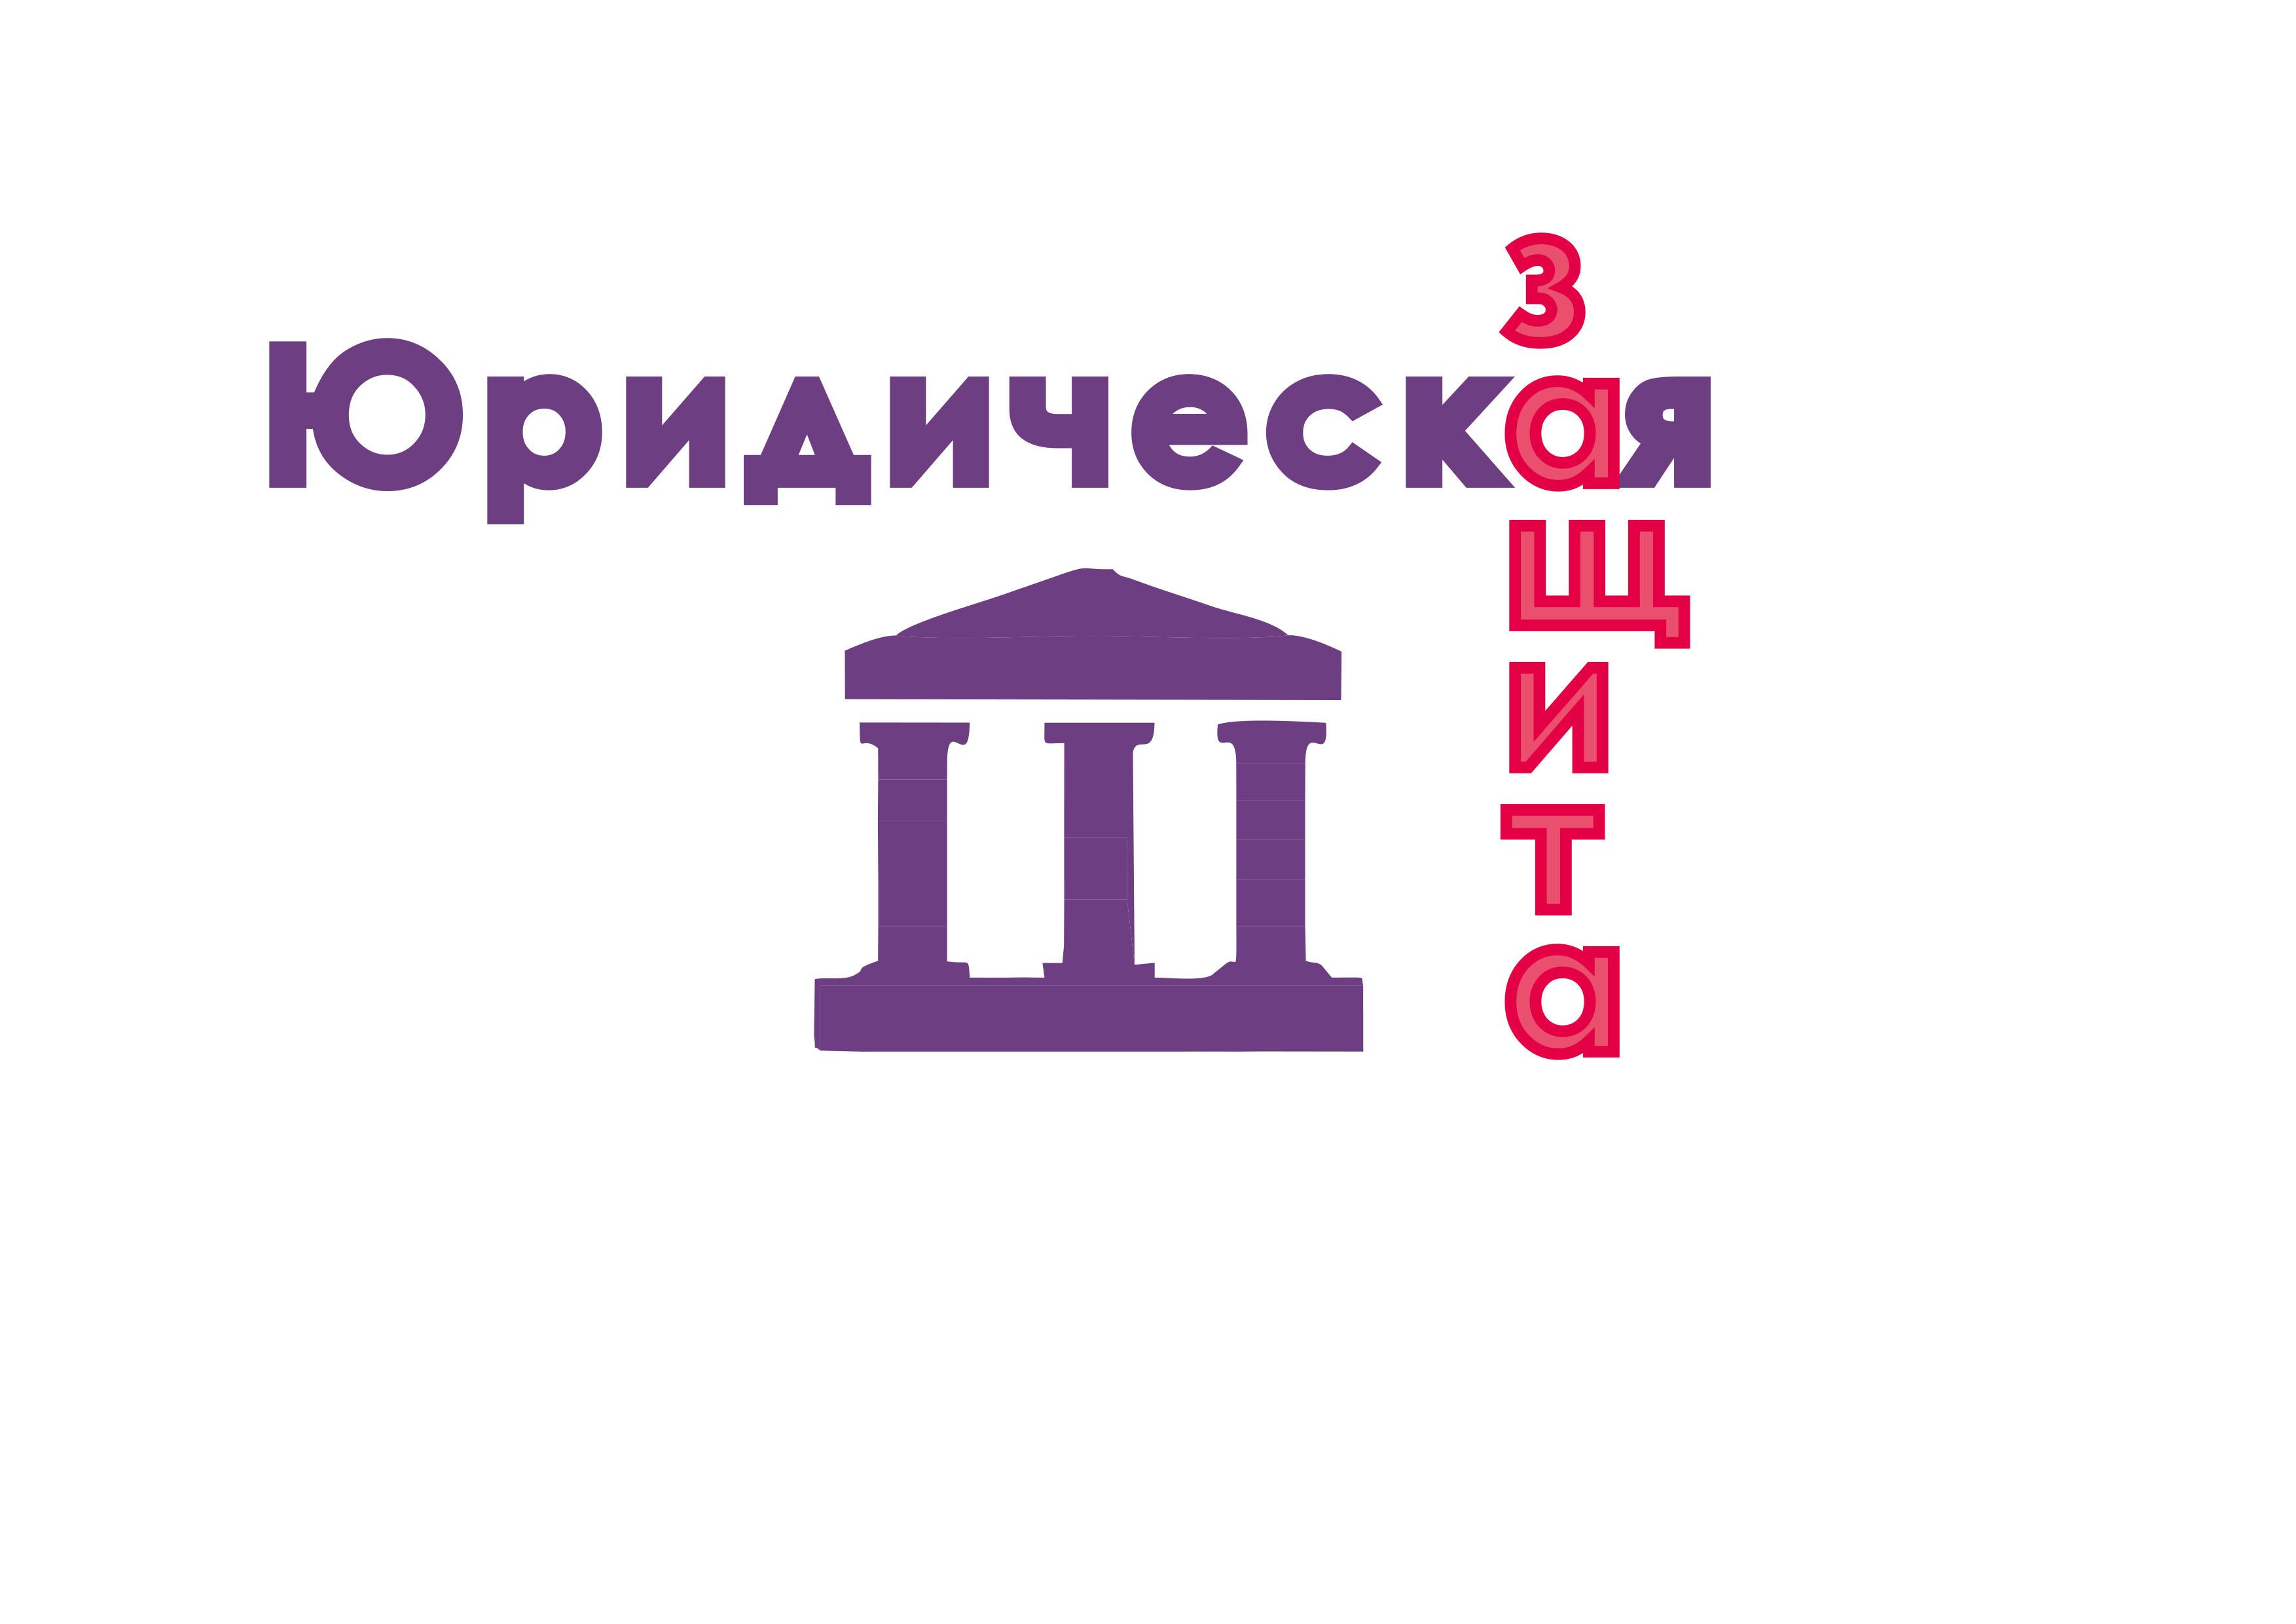 Разработка логотипа для юридической компании фото f_45355e15b06013b6.jpg